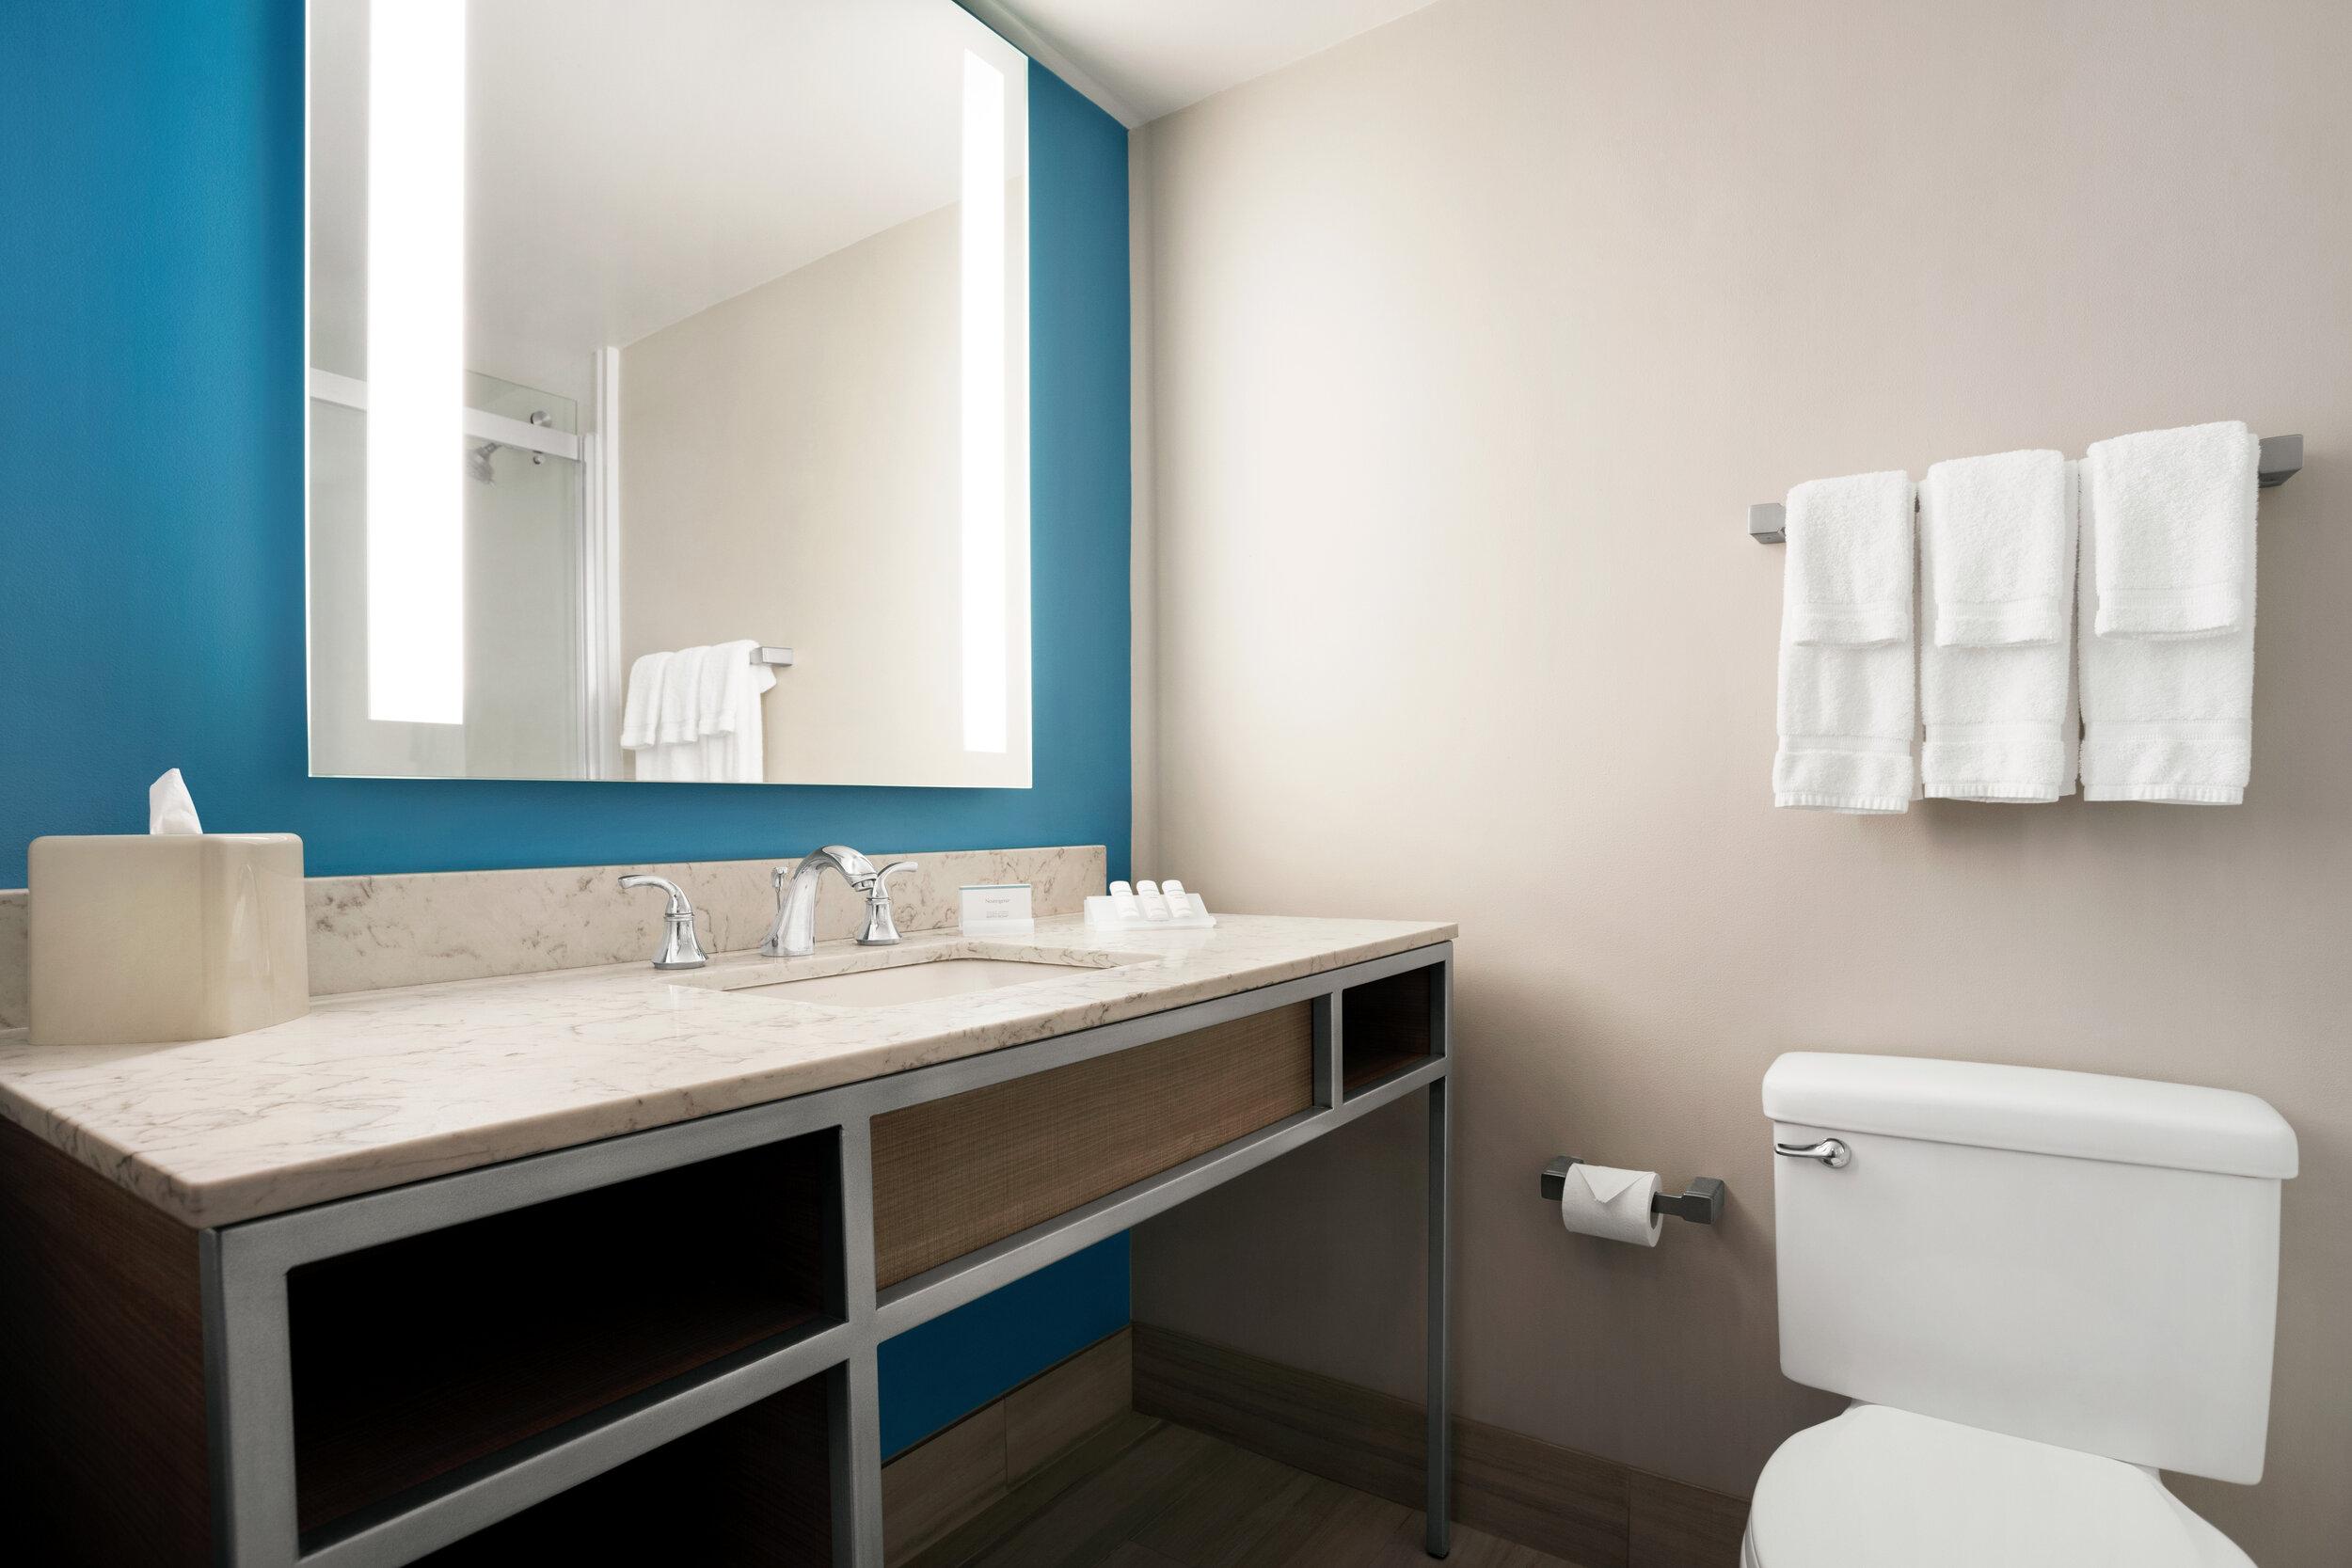 MSYGI_Guest_Bathroom_01.jpg